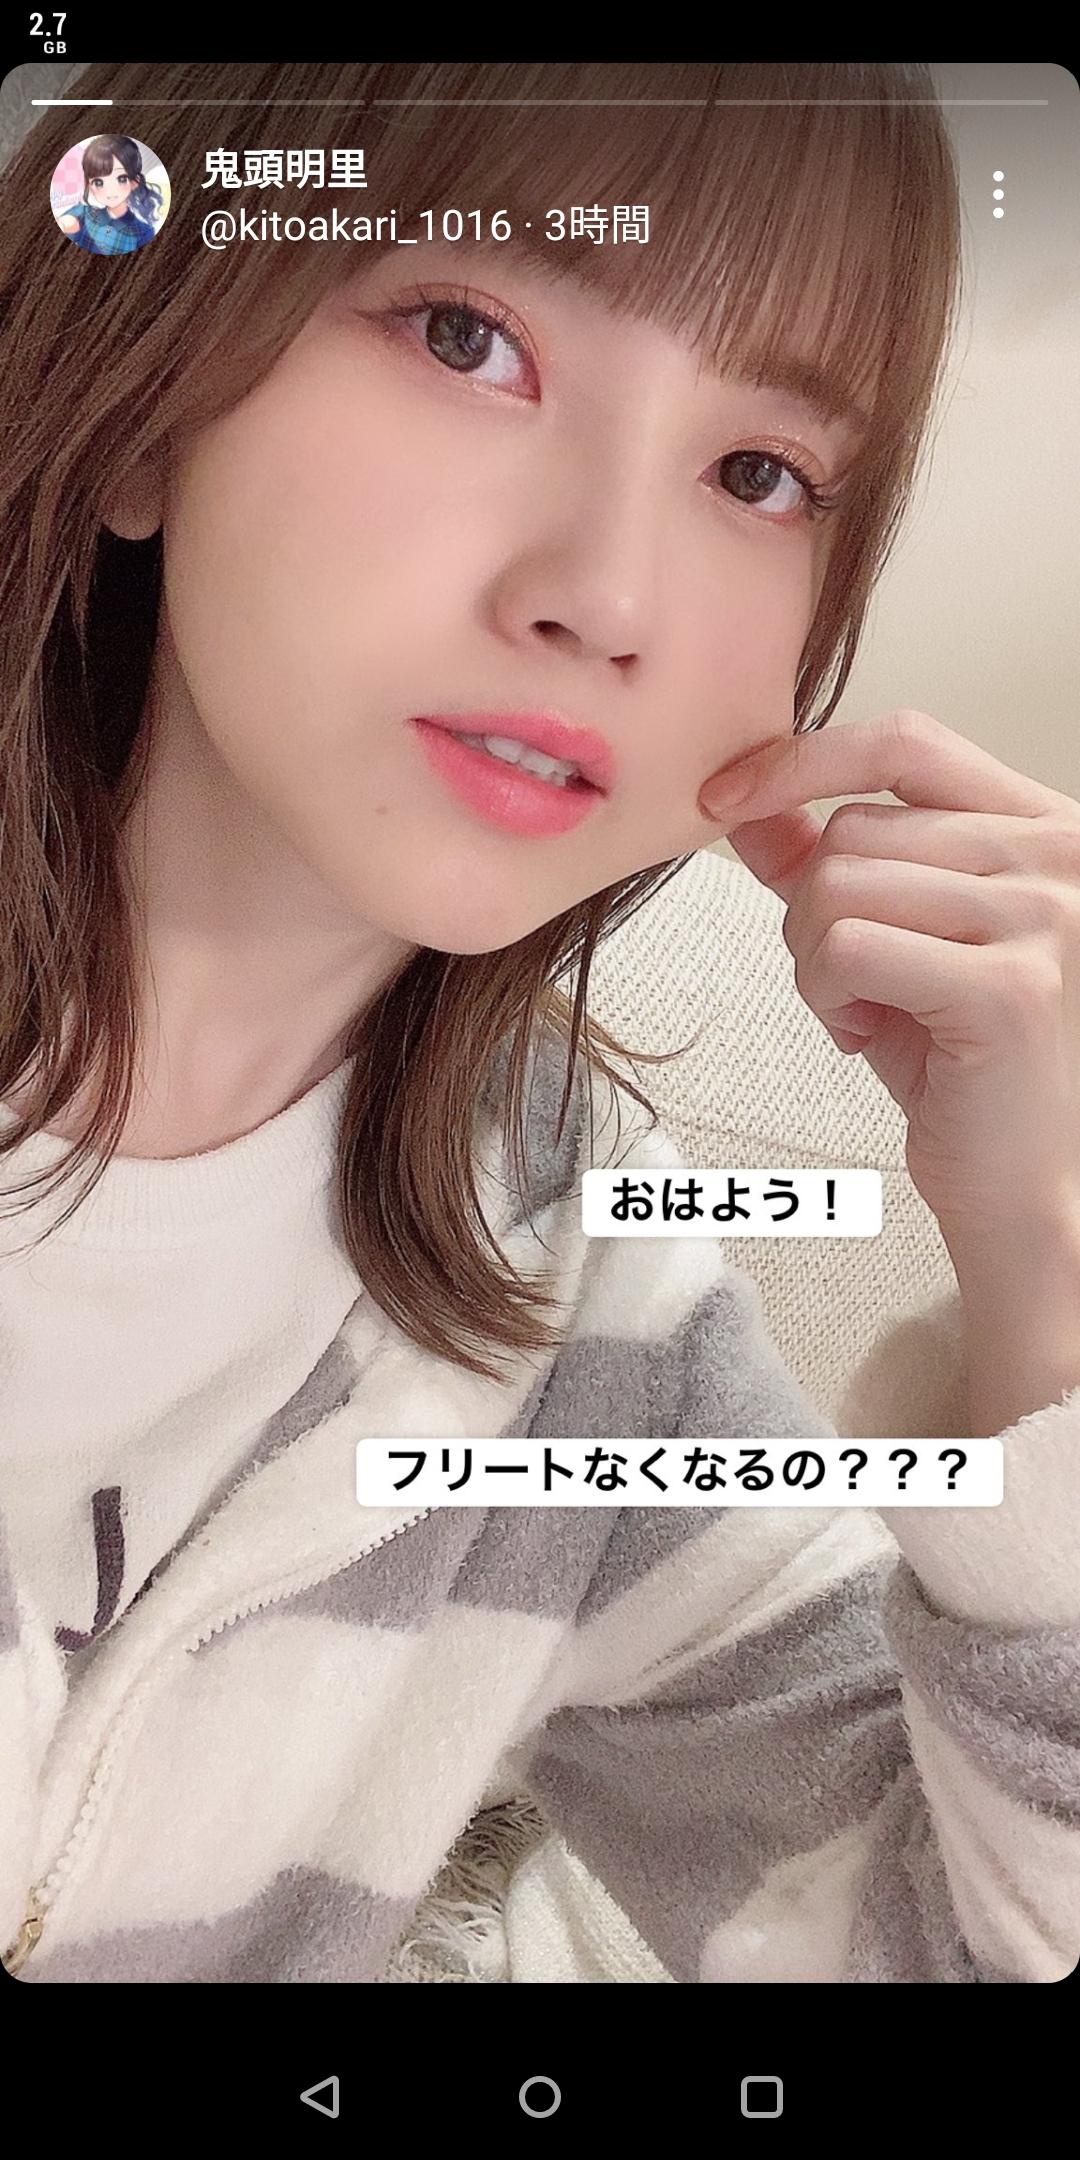 lovelive_imageラブライブ!画像